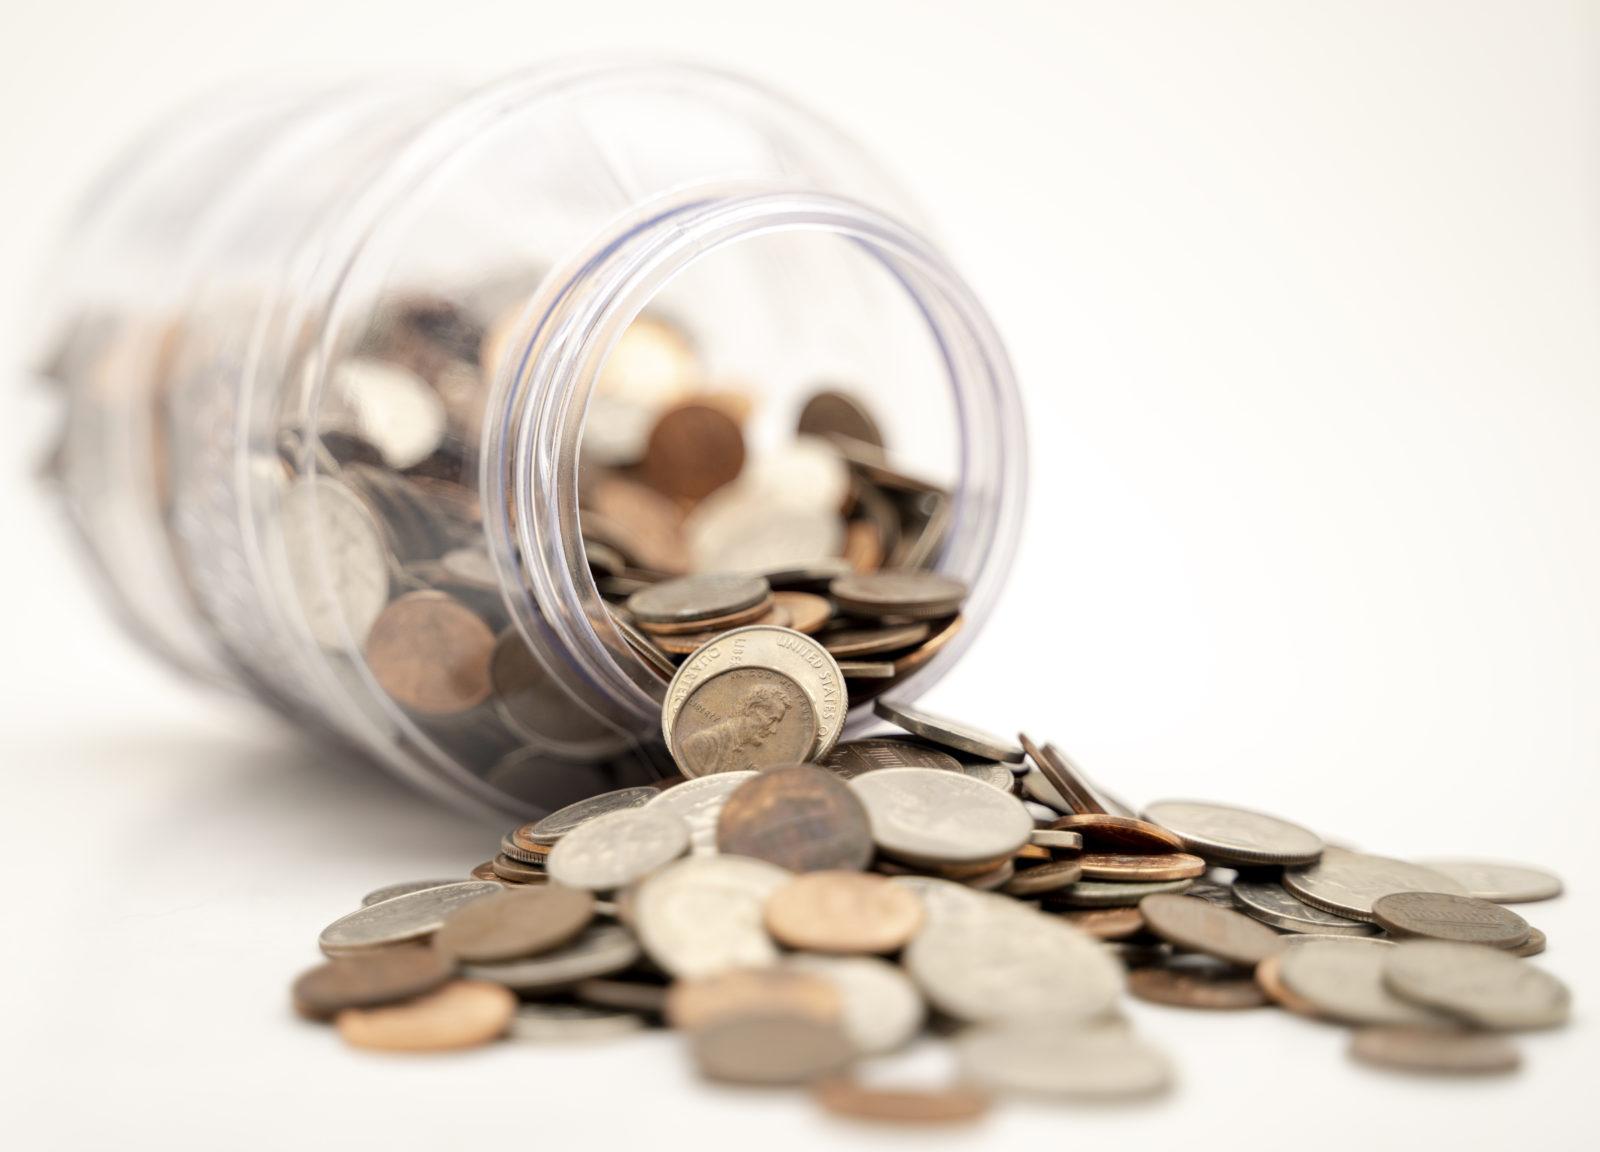 Rychlá půjčka bez zbytečného papírování je tu doslova pro každého!